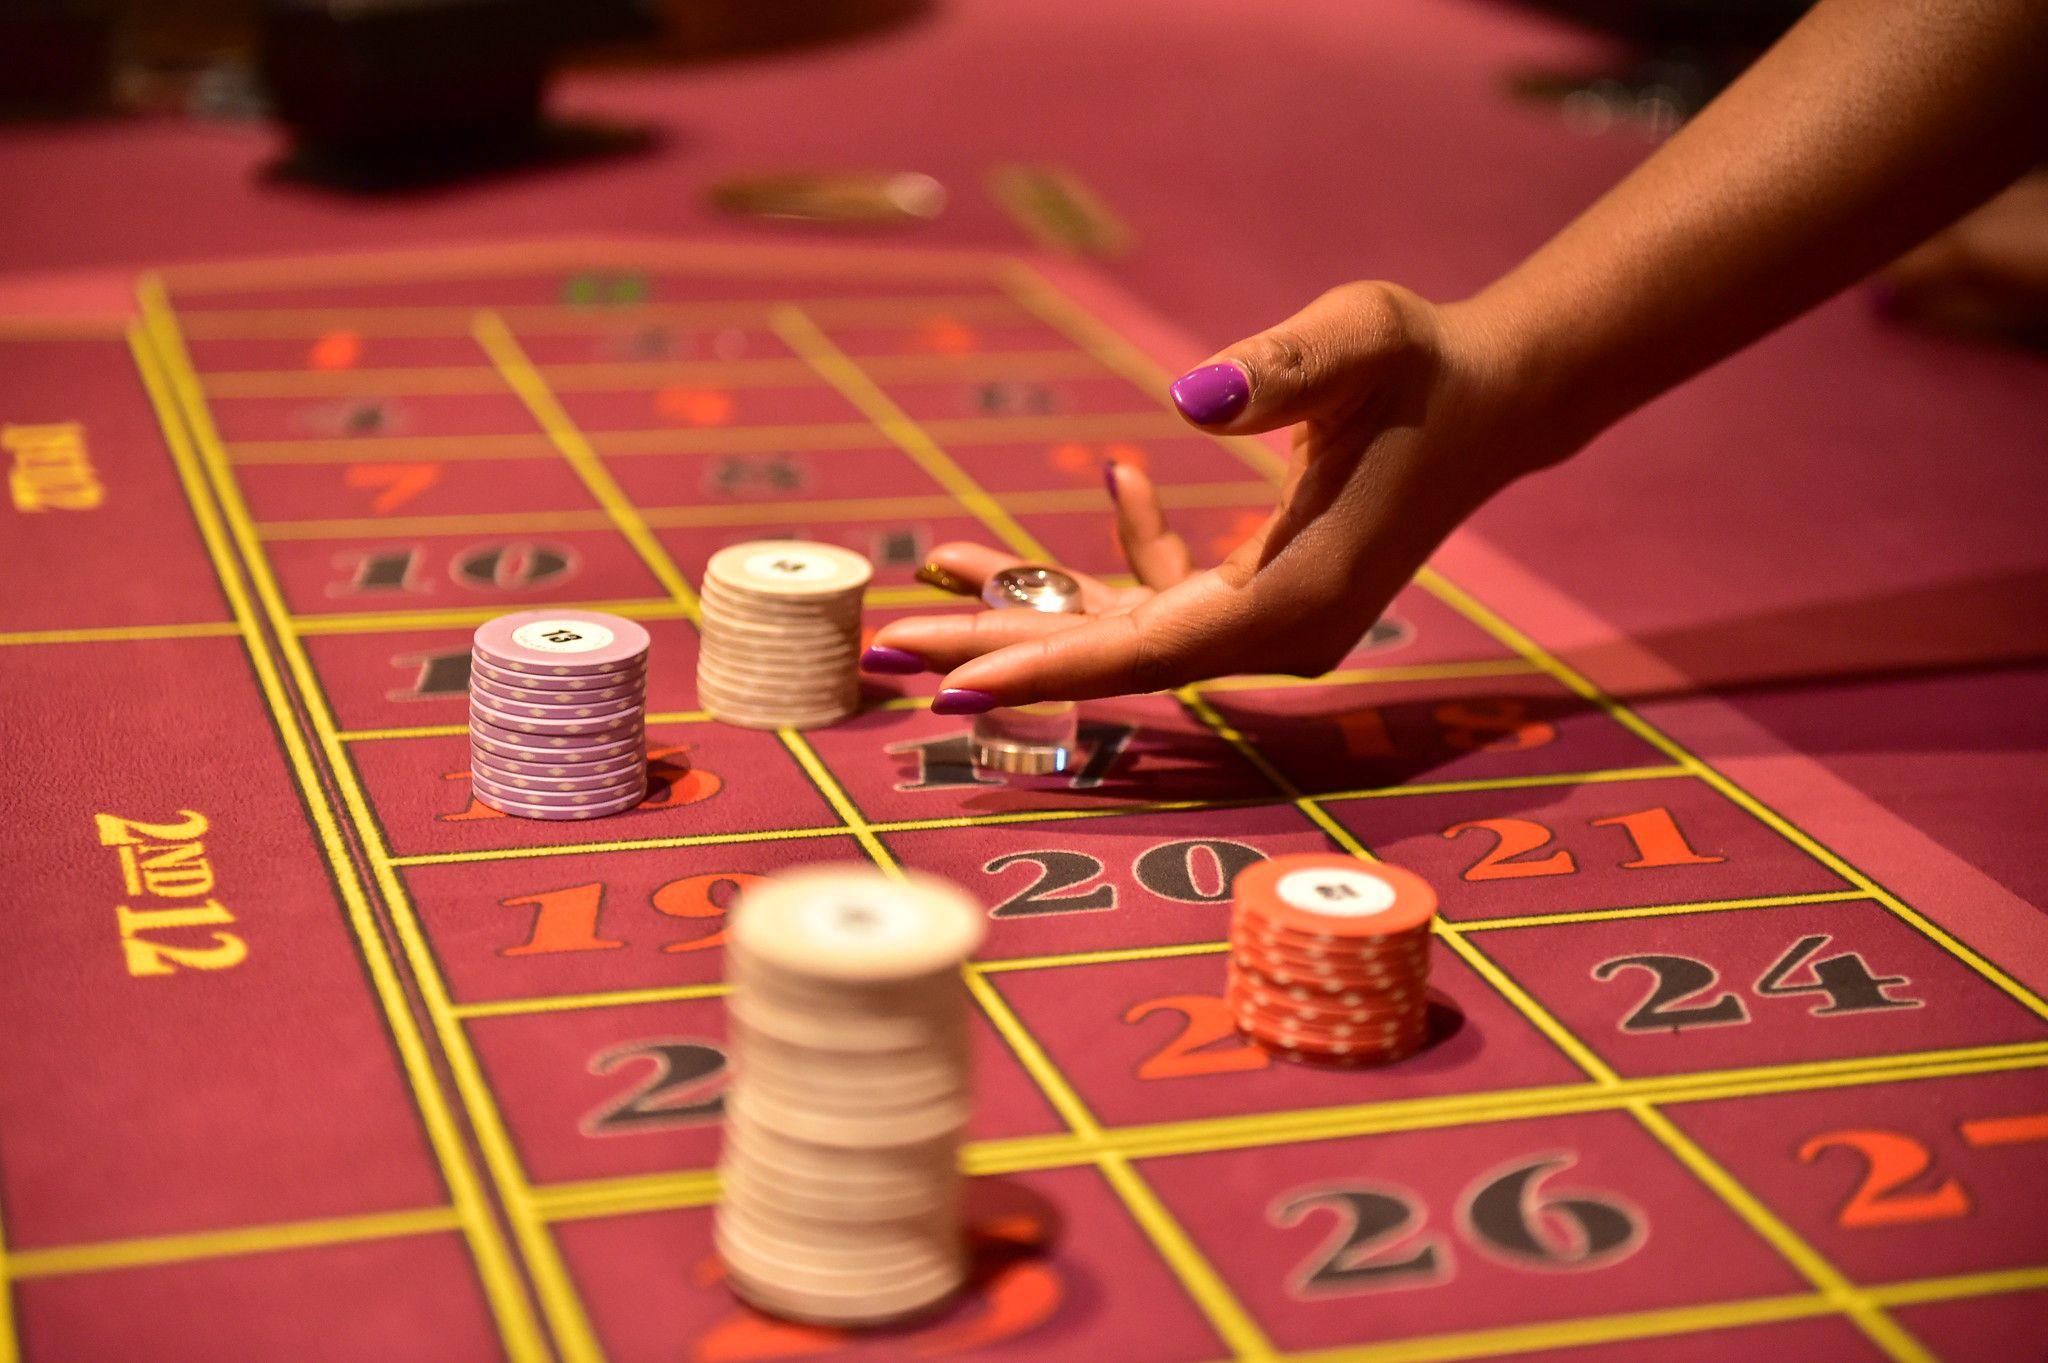 Hand schwarzer Frau am Roulettetisch